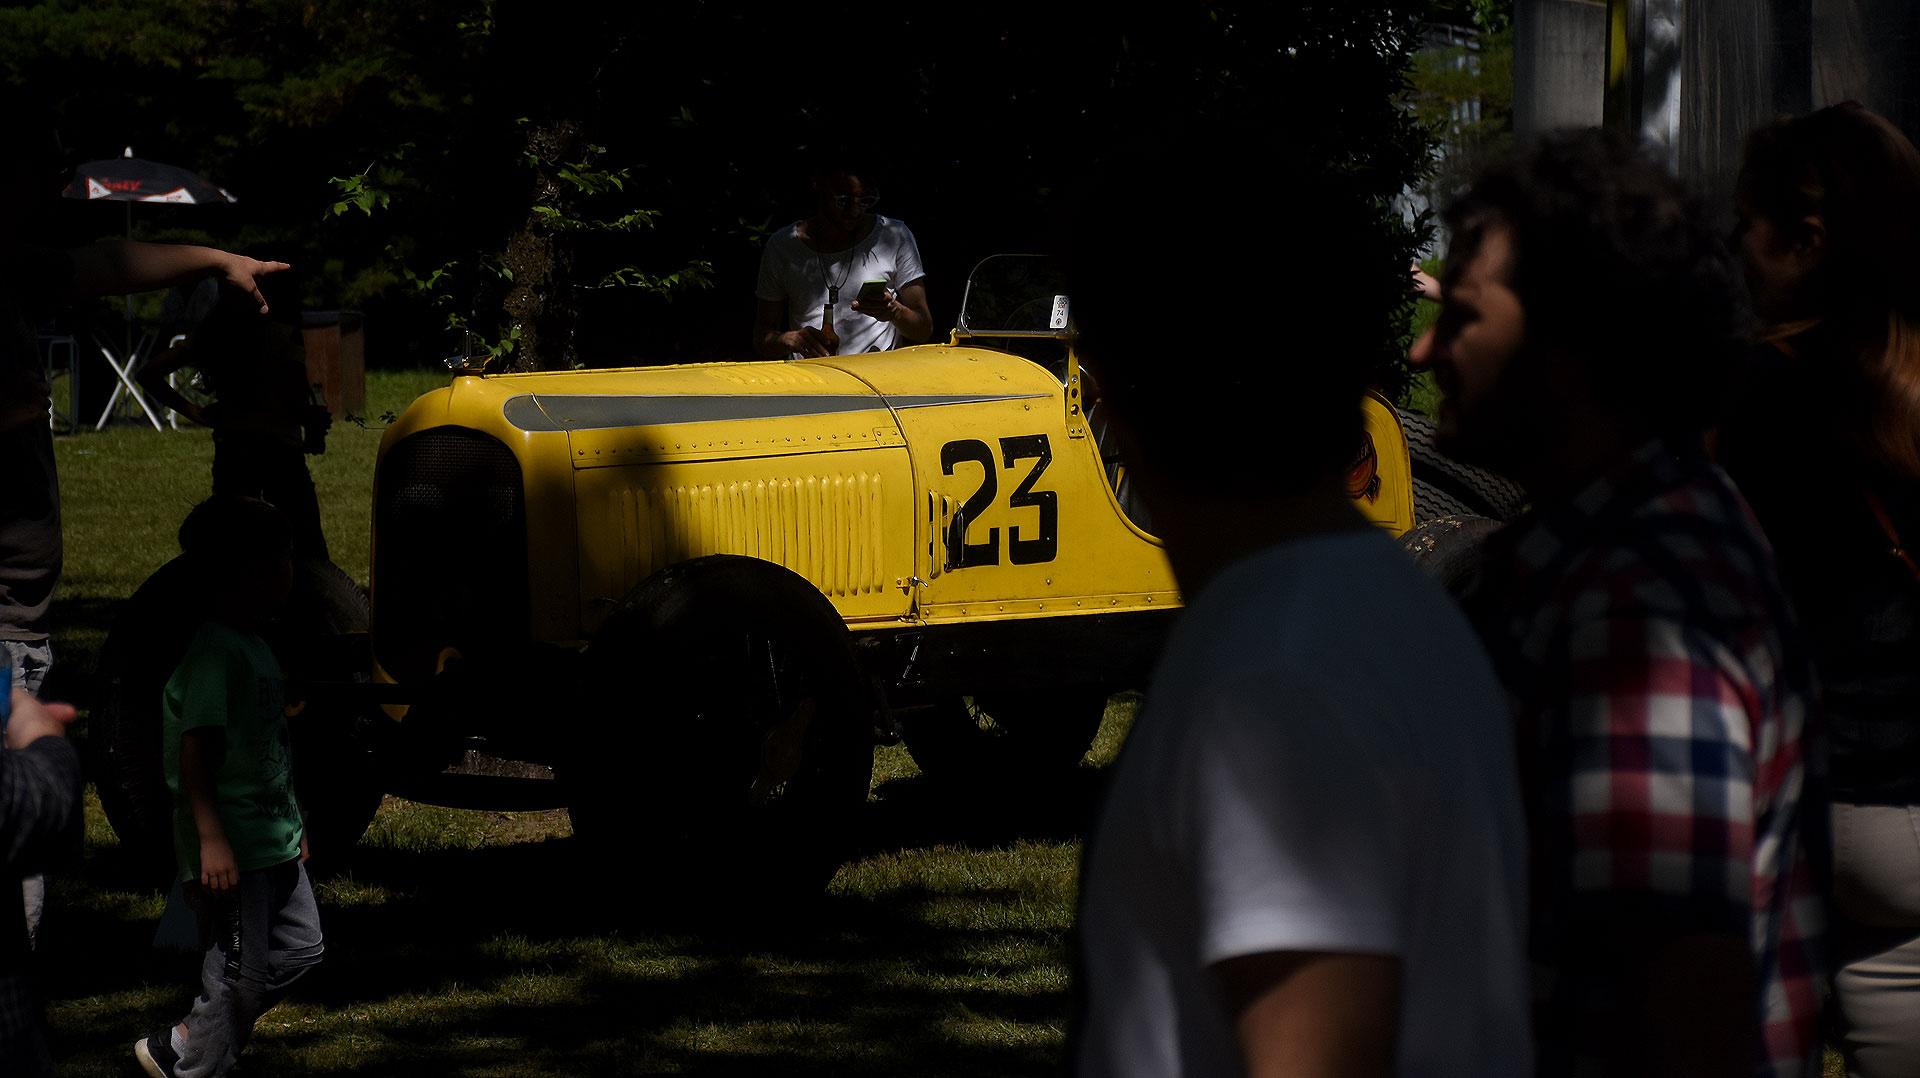 El evento es organizada por el Club de Automóviles Clásicos de la República Argentina y fue declarada de Interés Cultural por el Ministerio de Cultura de la Nación, de Interés Turístico por el Ministerio de Turismo de la Nación y de Interés Municipal por el municipio de San Isidro.